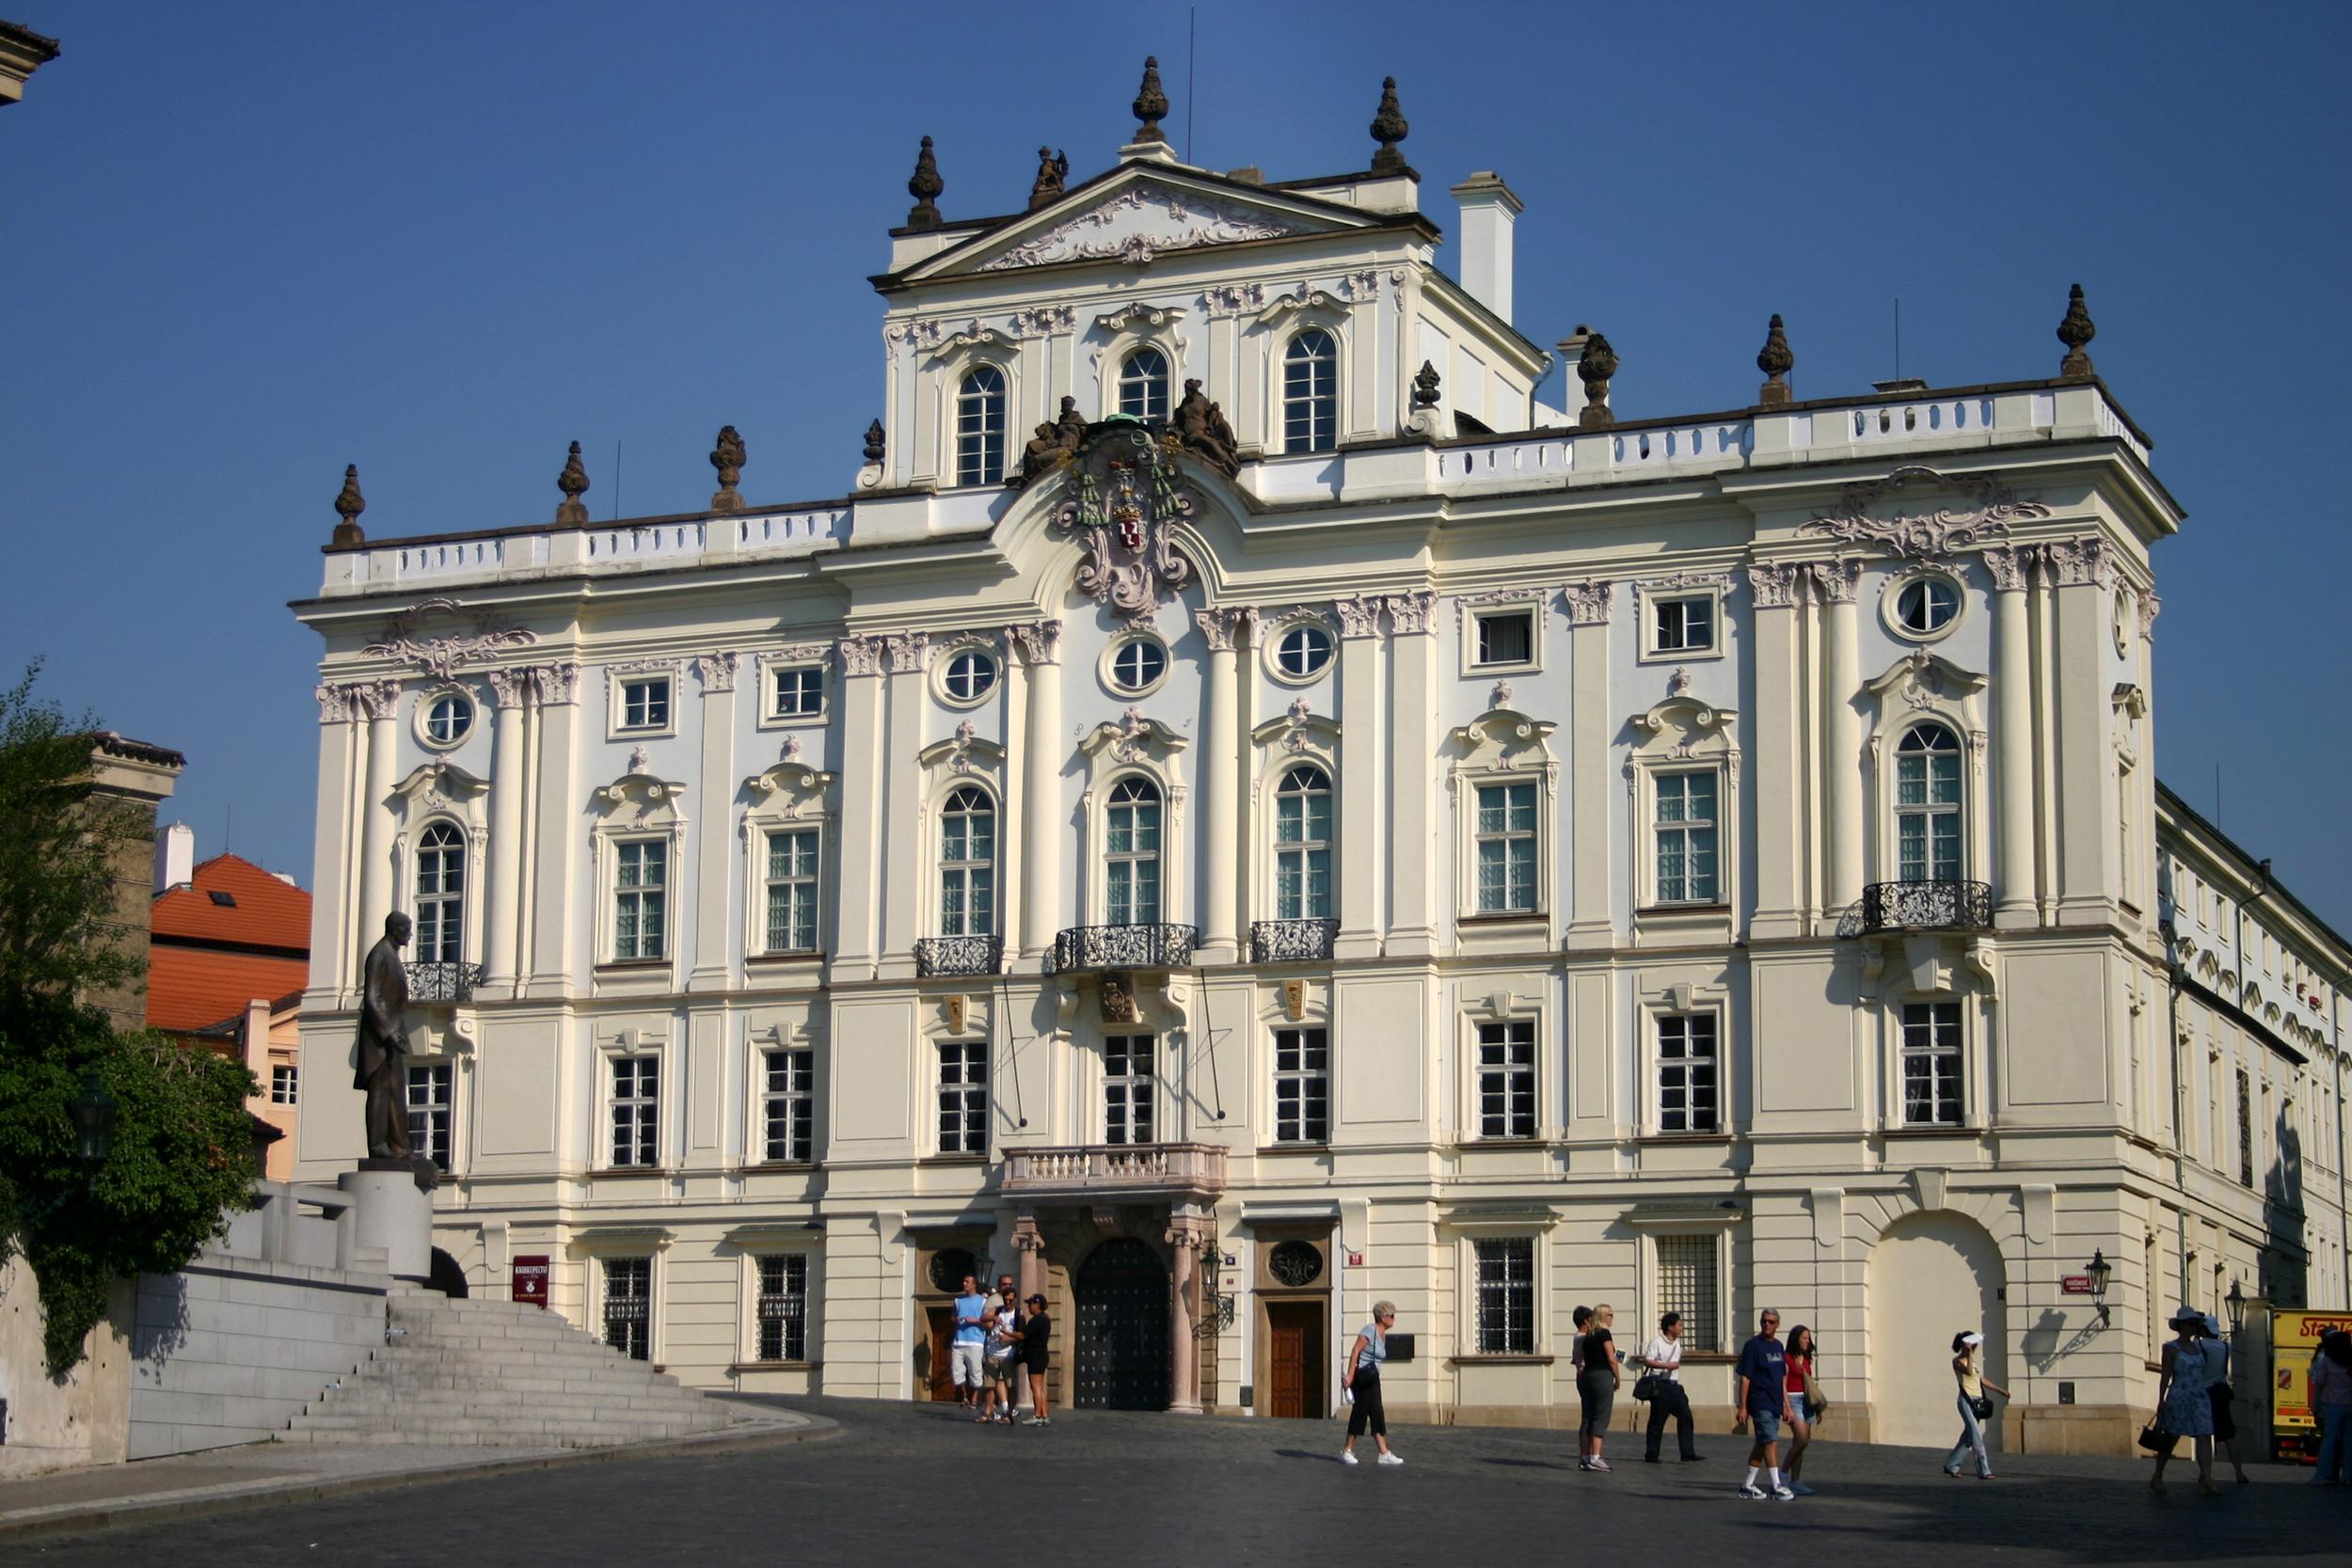 Palatul Arhiepiscopal - O călătorie arhitecturală prin Praga, orașul celor 100 de clopotnițe - partea a II-a